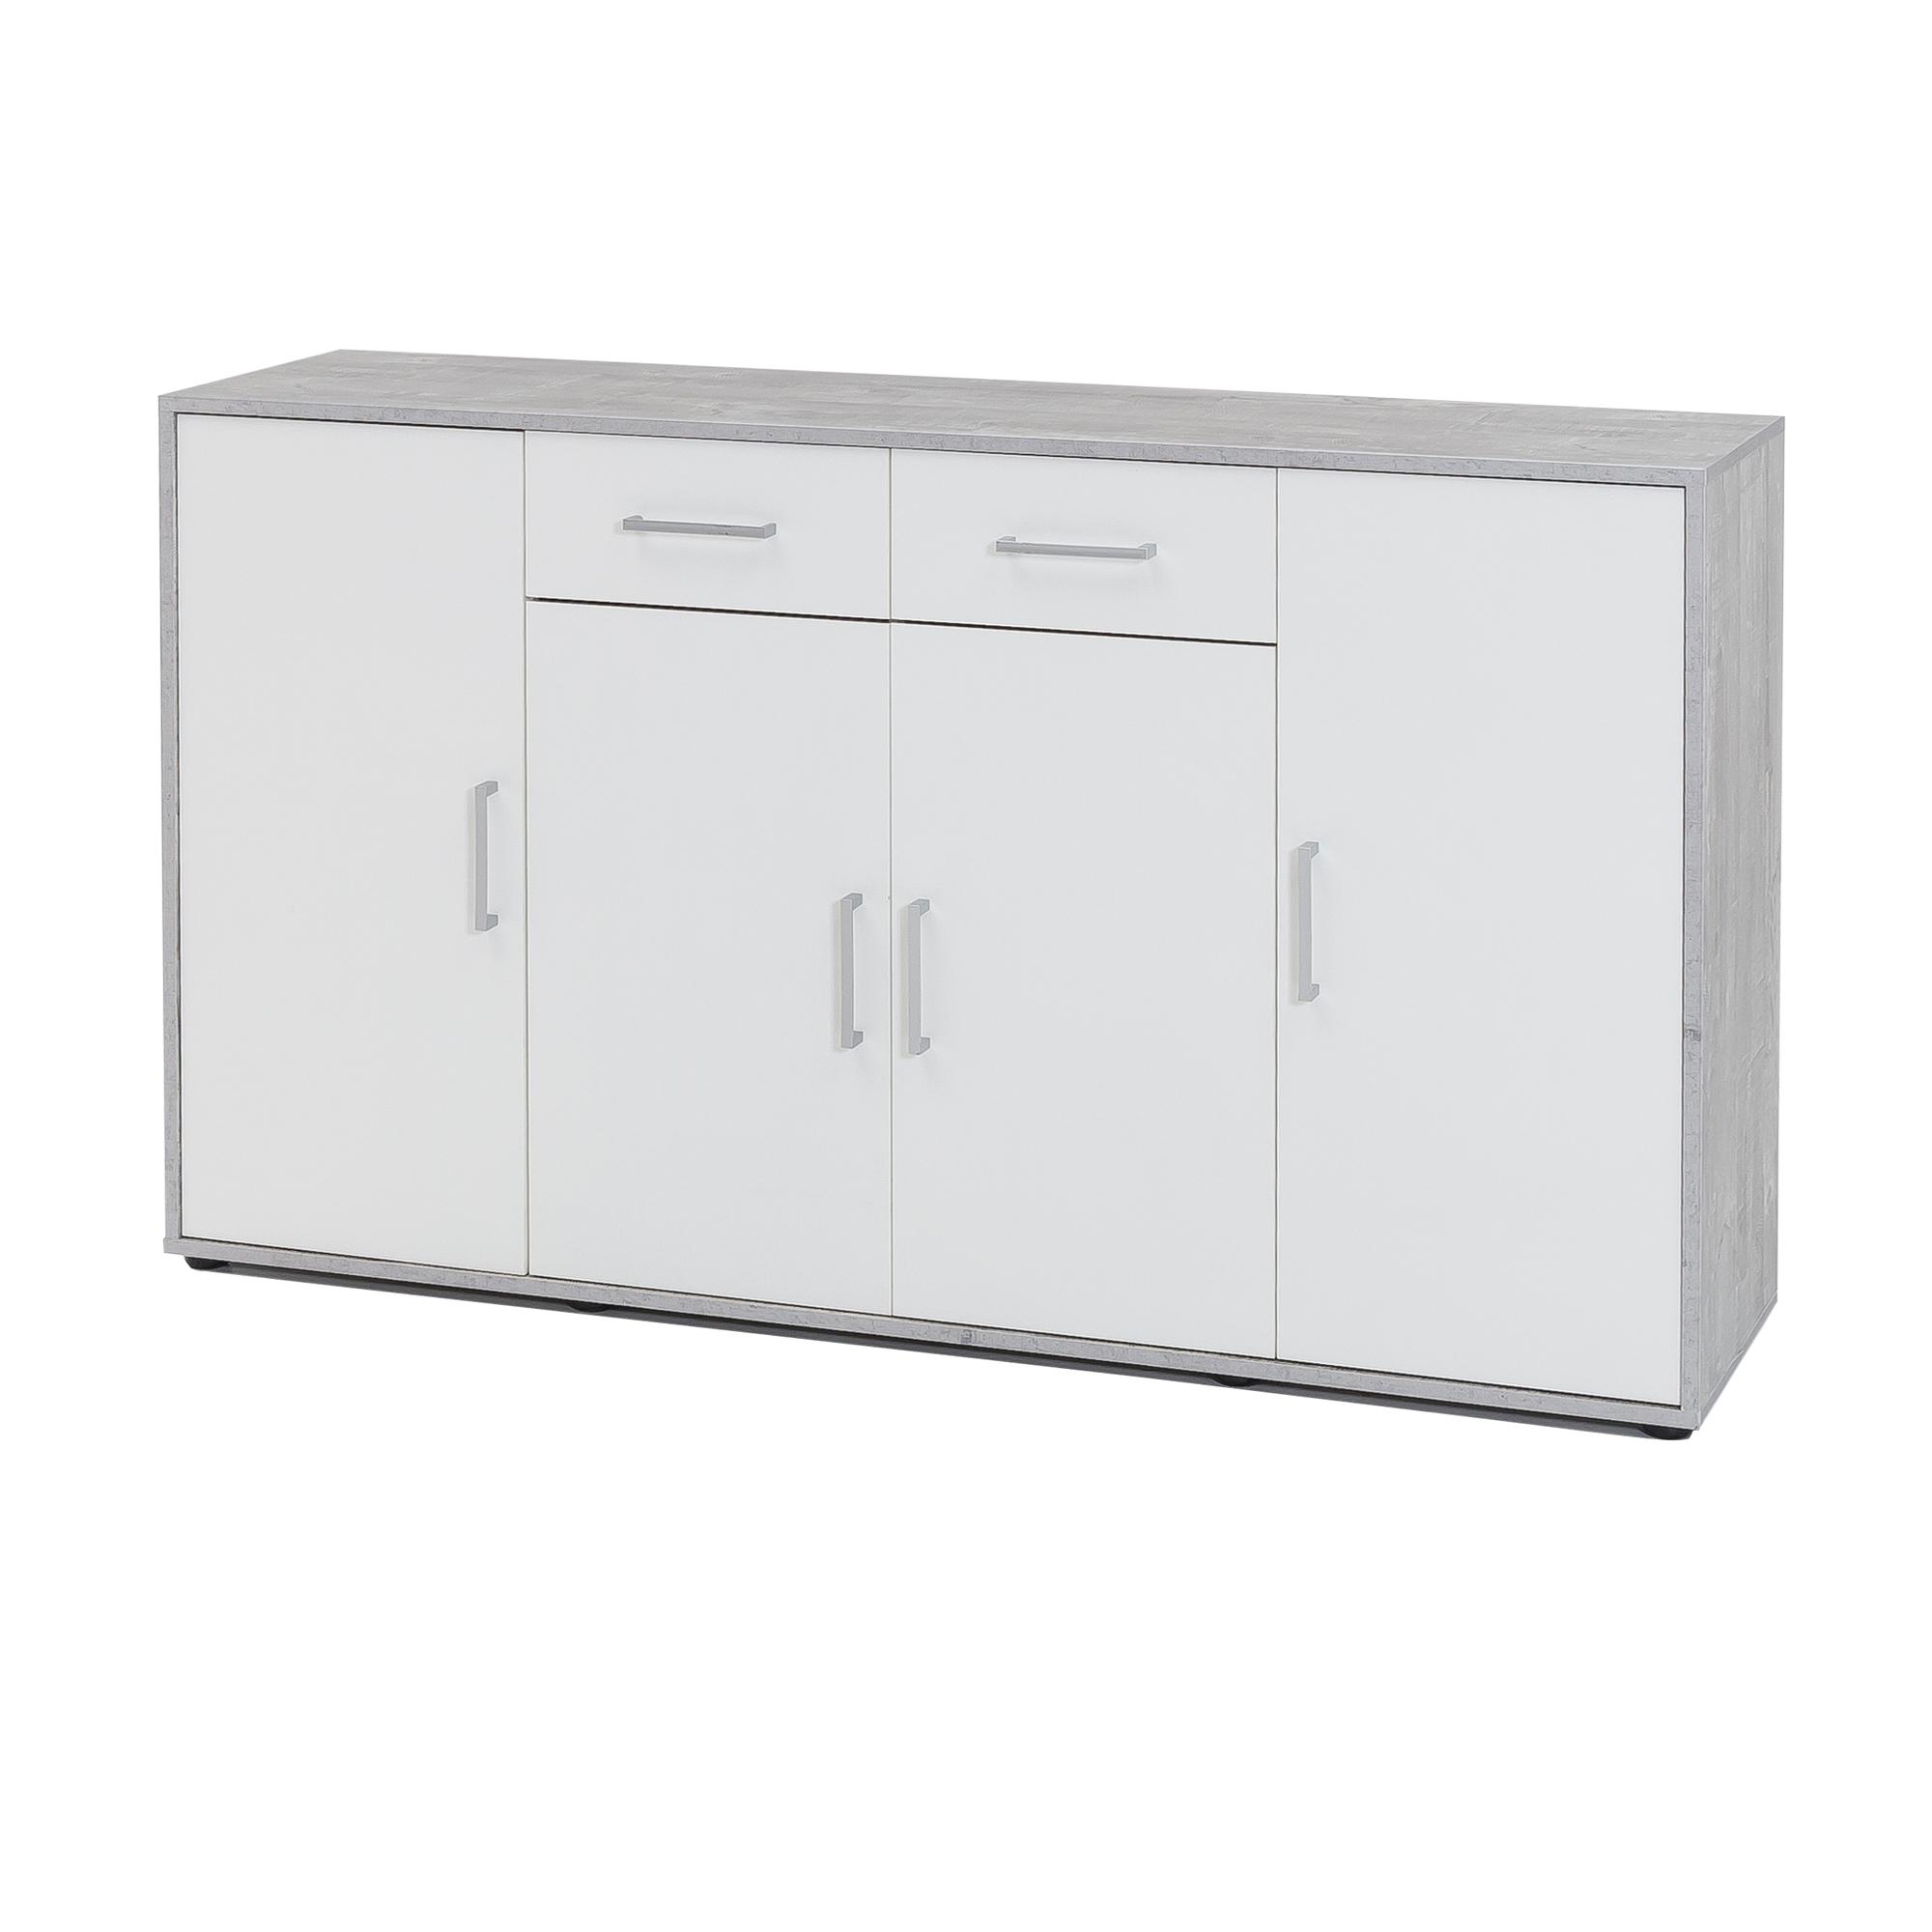 Kommode Schrank Sideboard Anrichte Turen Schubladen 143 Cm Weiss